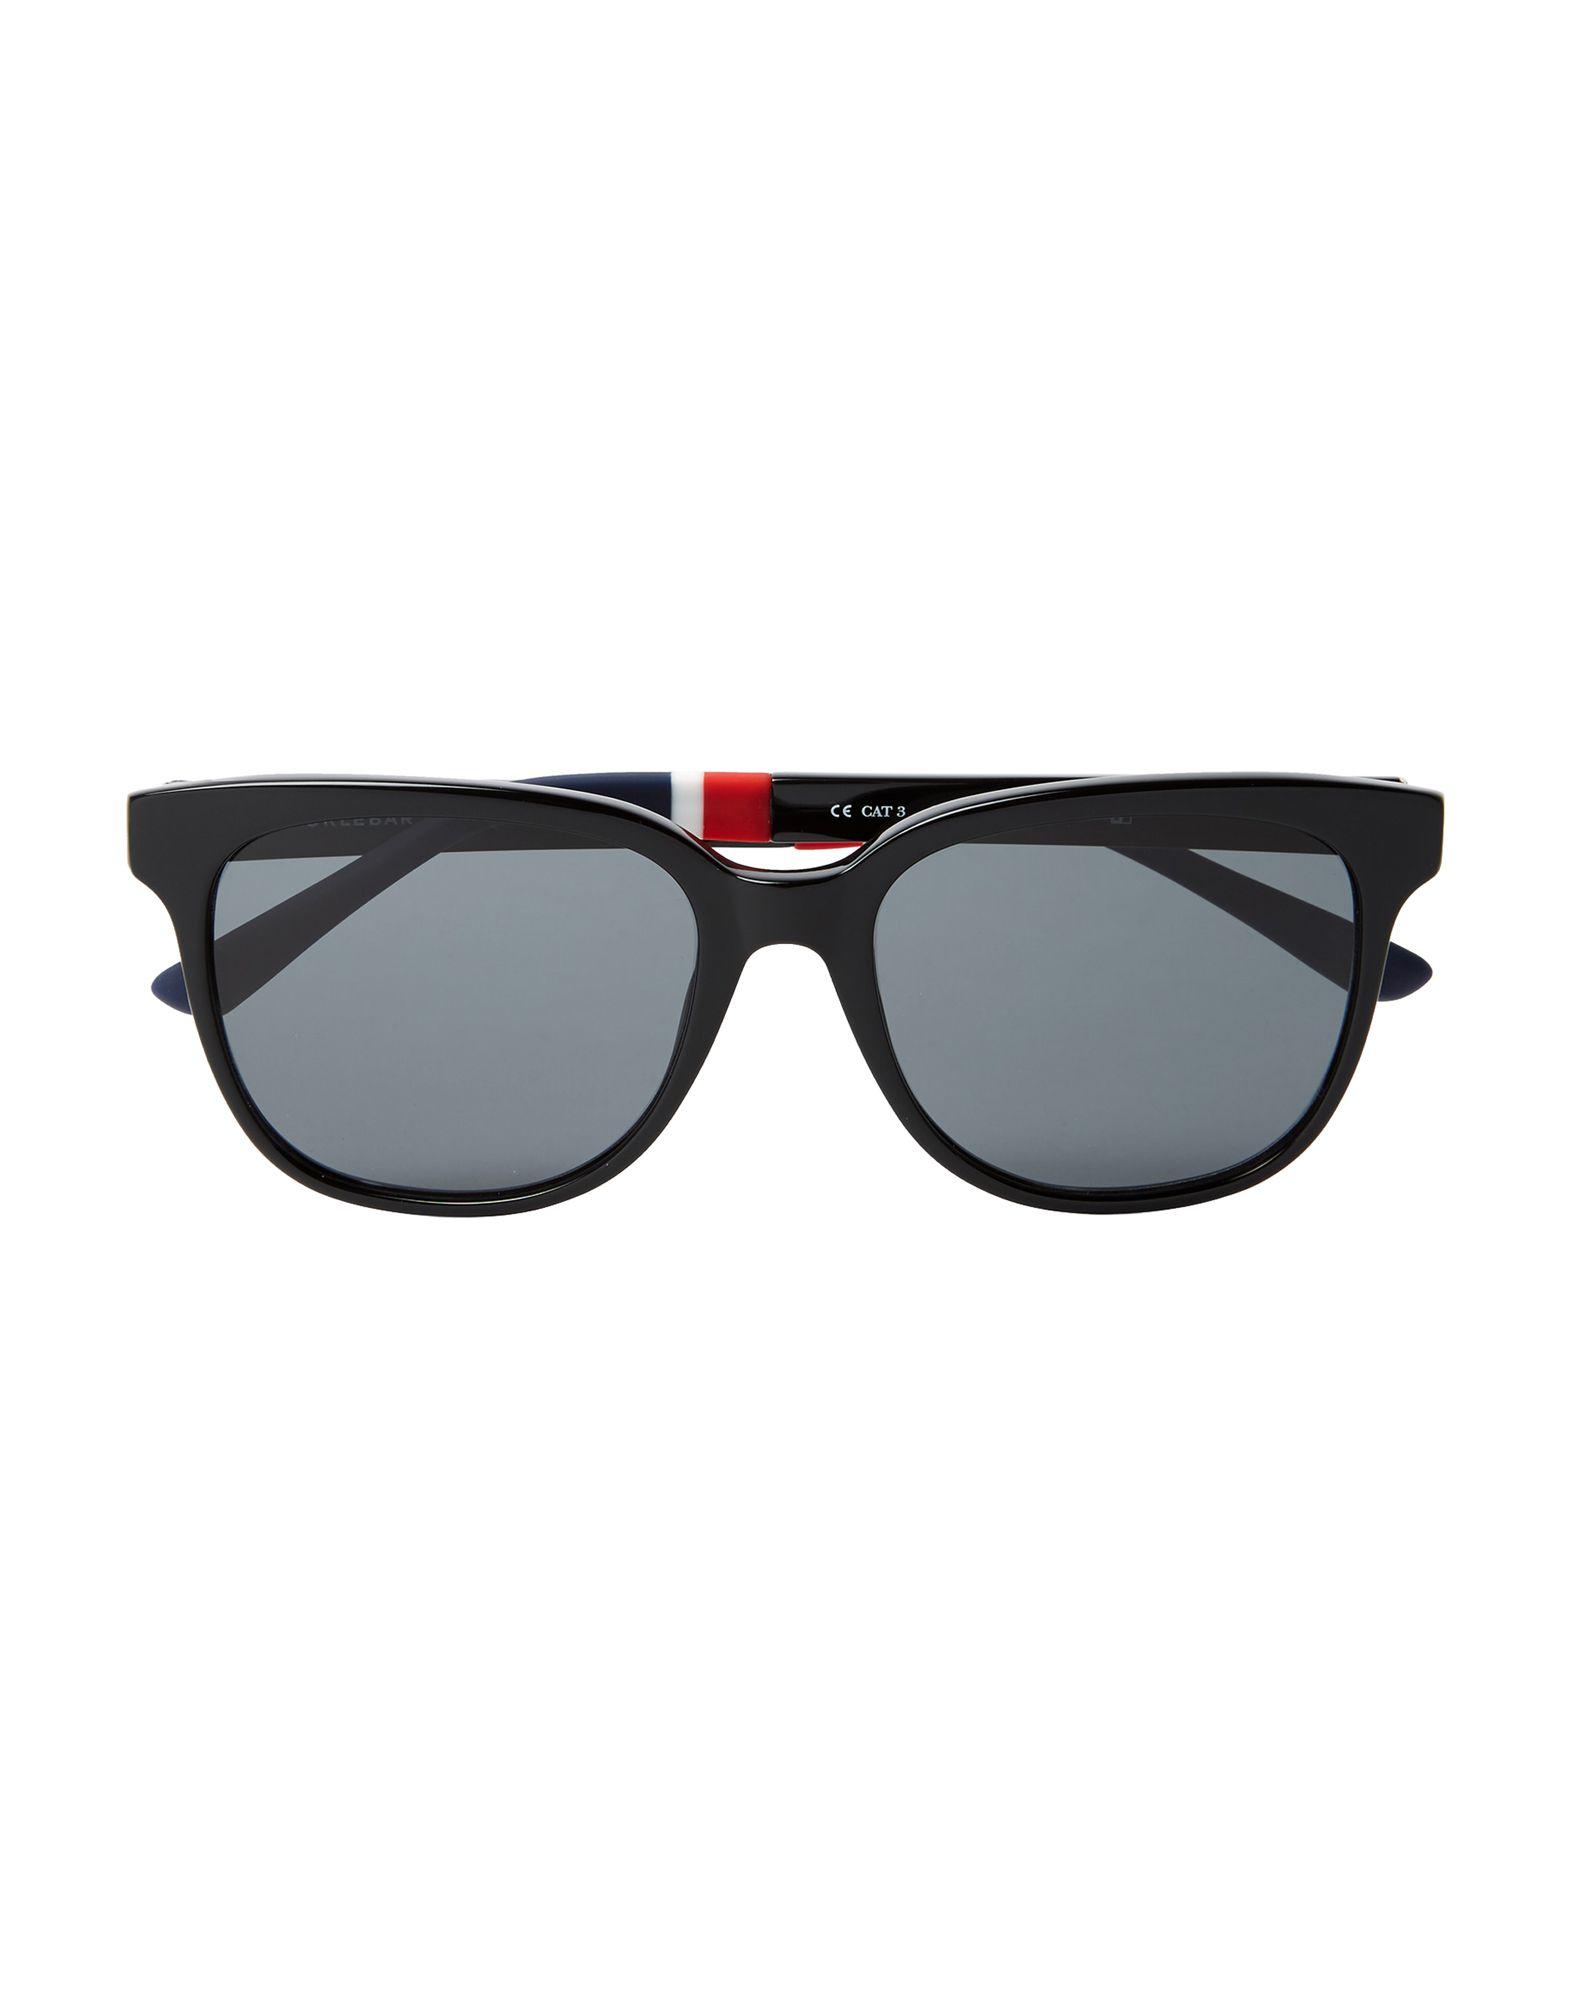 ORLEBAR BROWN Солнечные очки очки rudy project horus platinum brown act broun